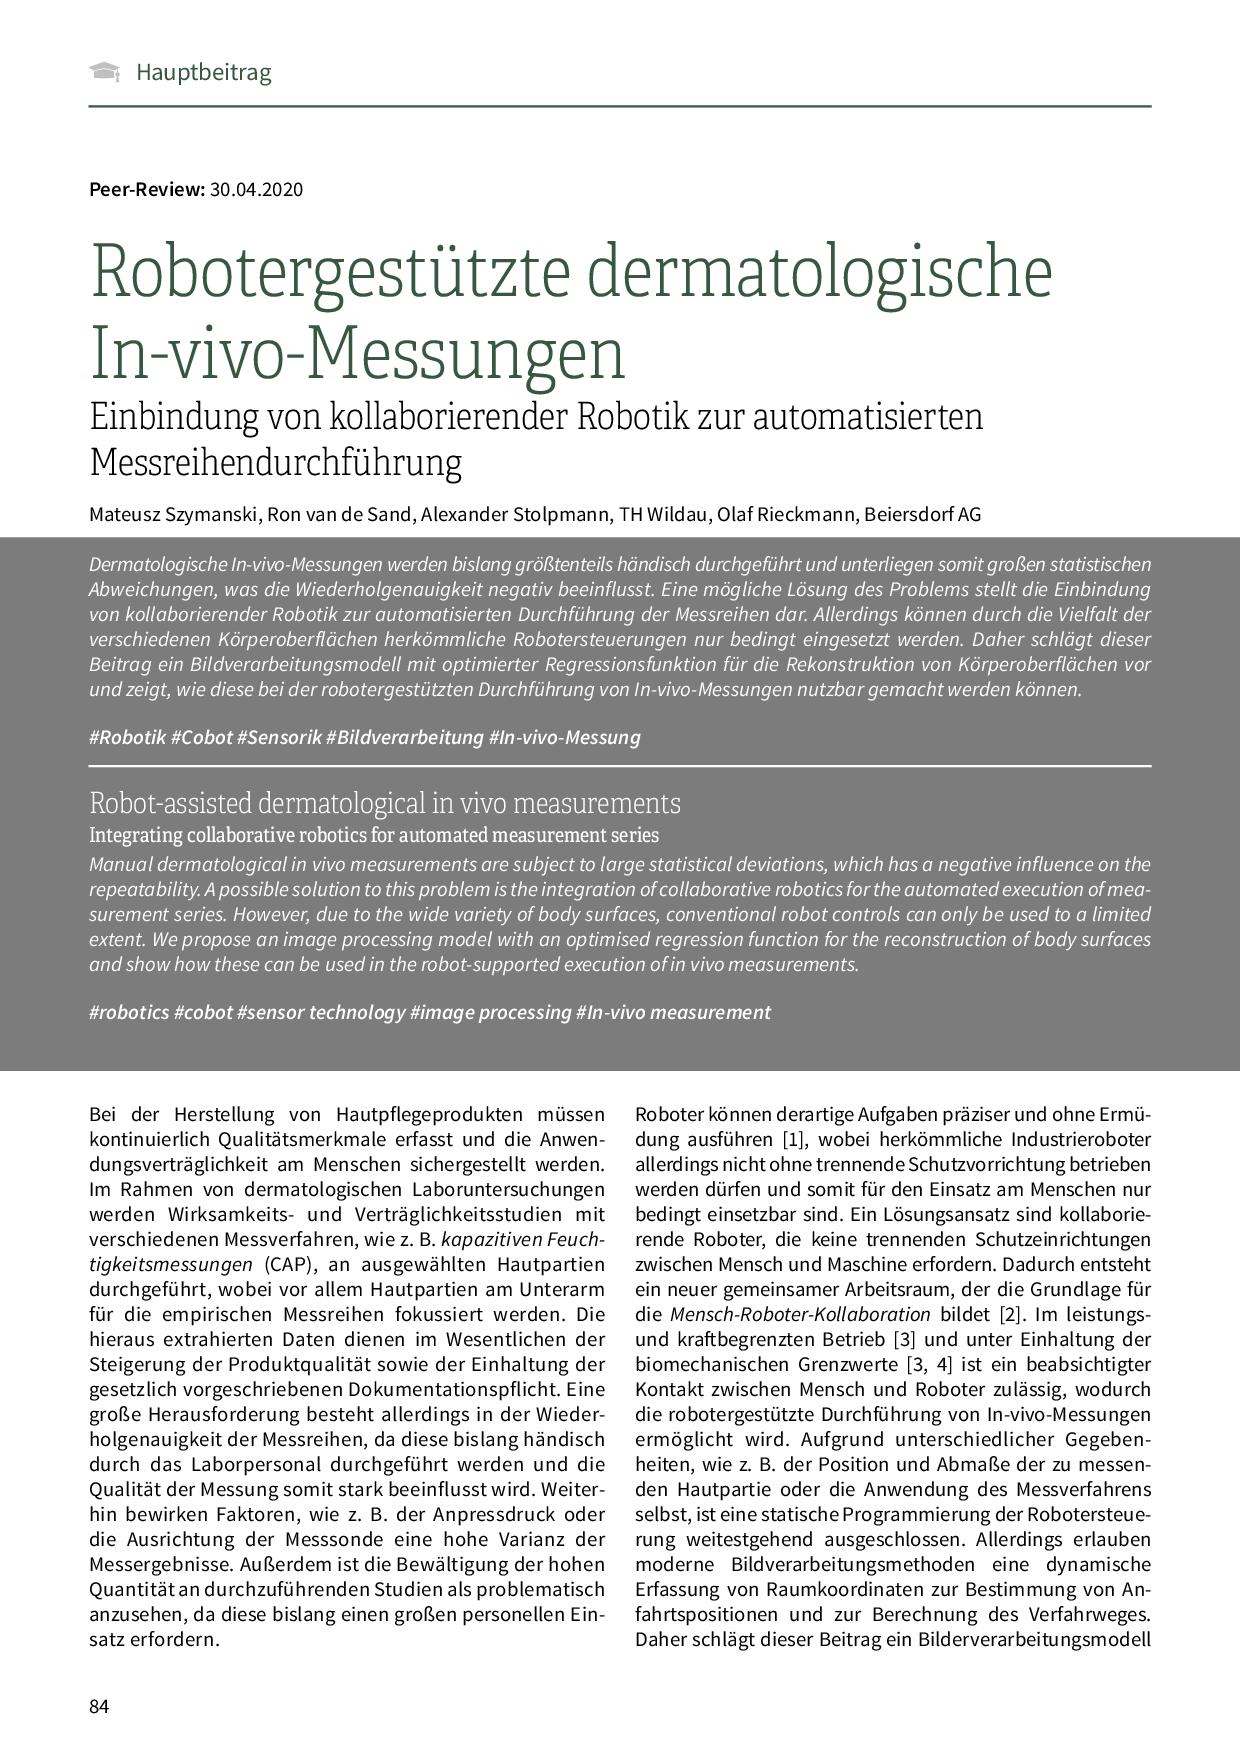 Robotergestützte dermatologische In-vivo-Messungen